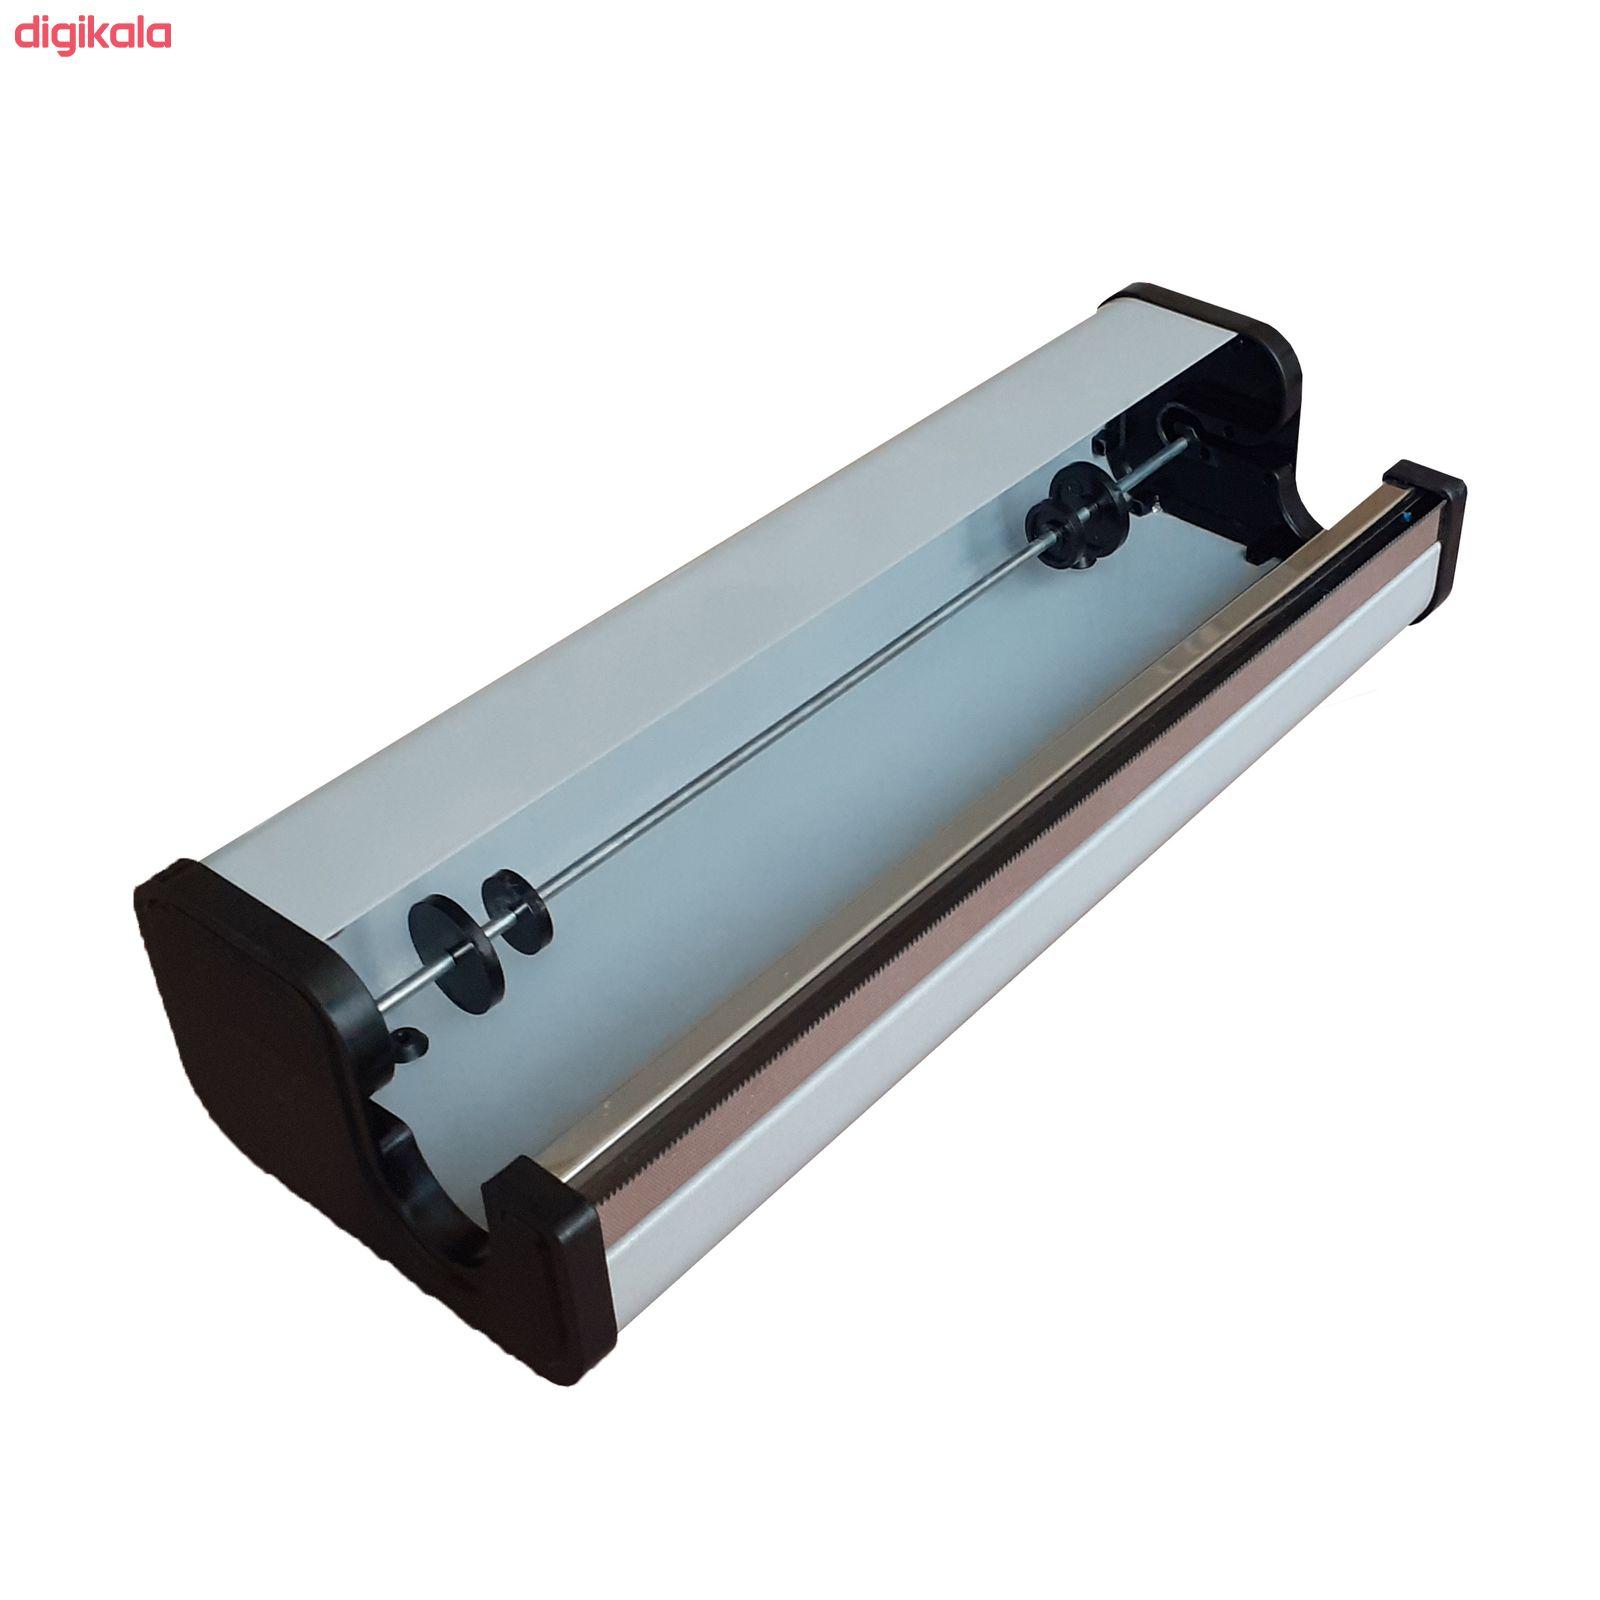 دستگاه سلفون کش مه یاس مدل p431609 main 1 14